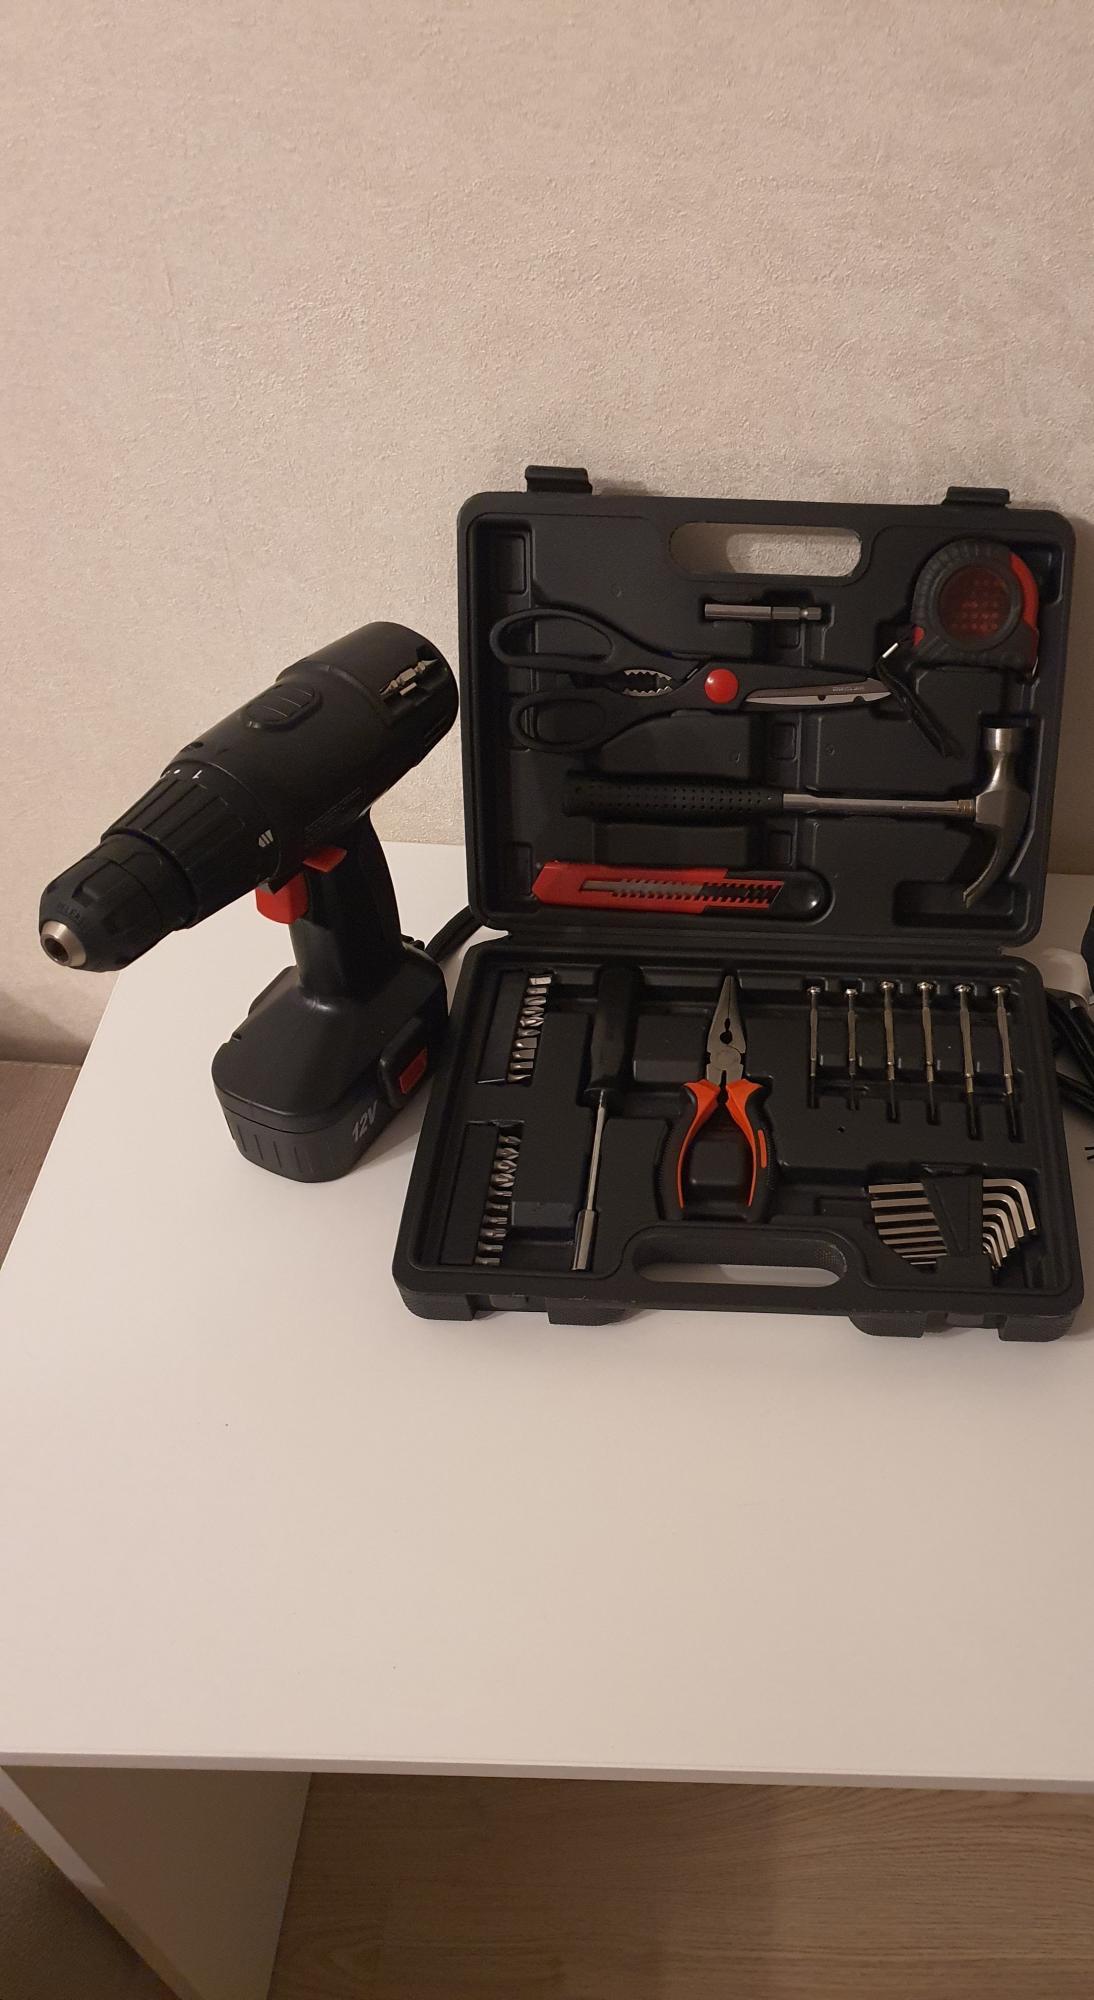 Шуруповерт + набор инструментов в Москве 89032025299 купить 1